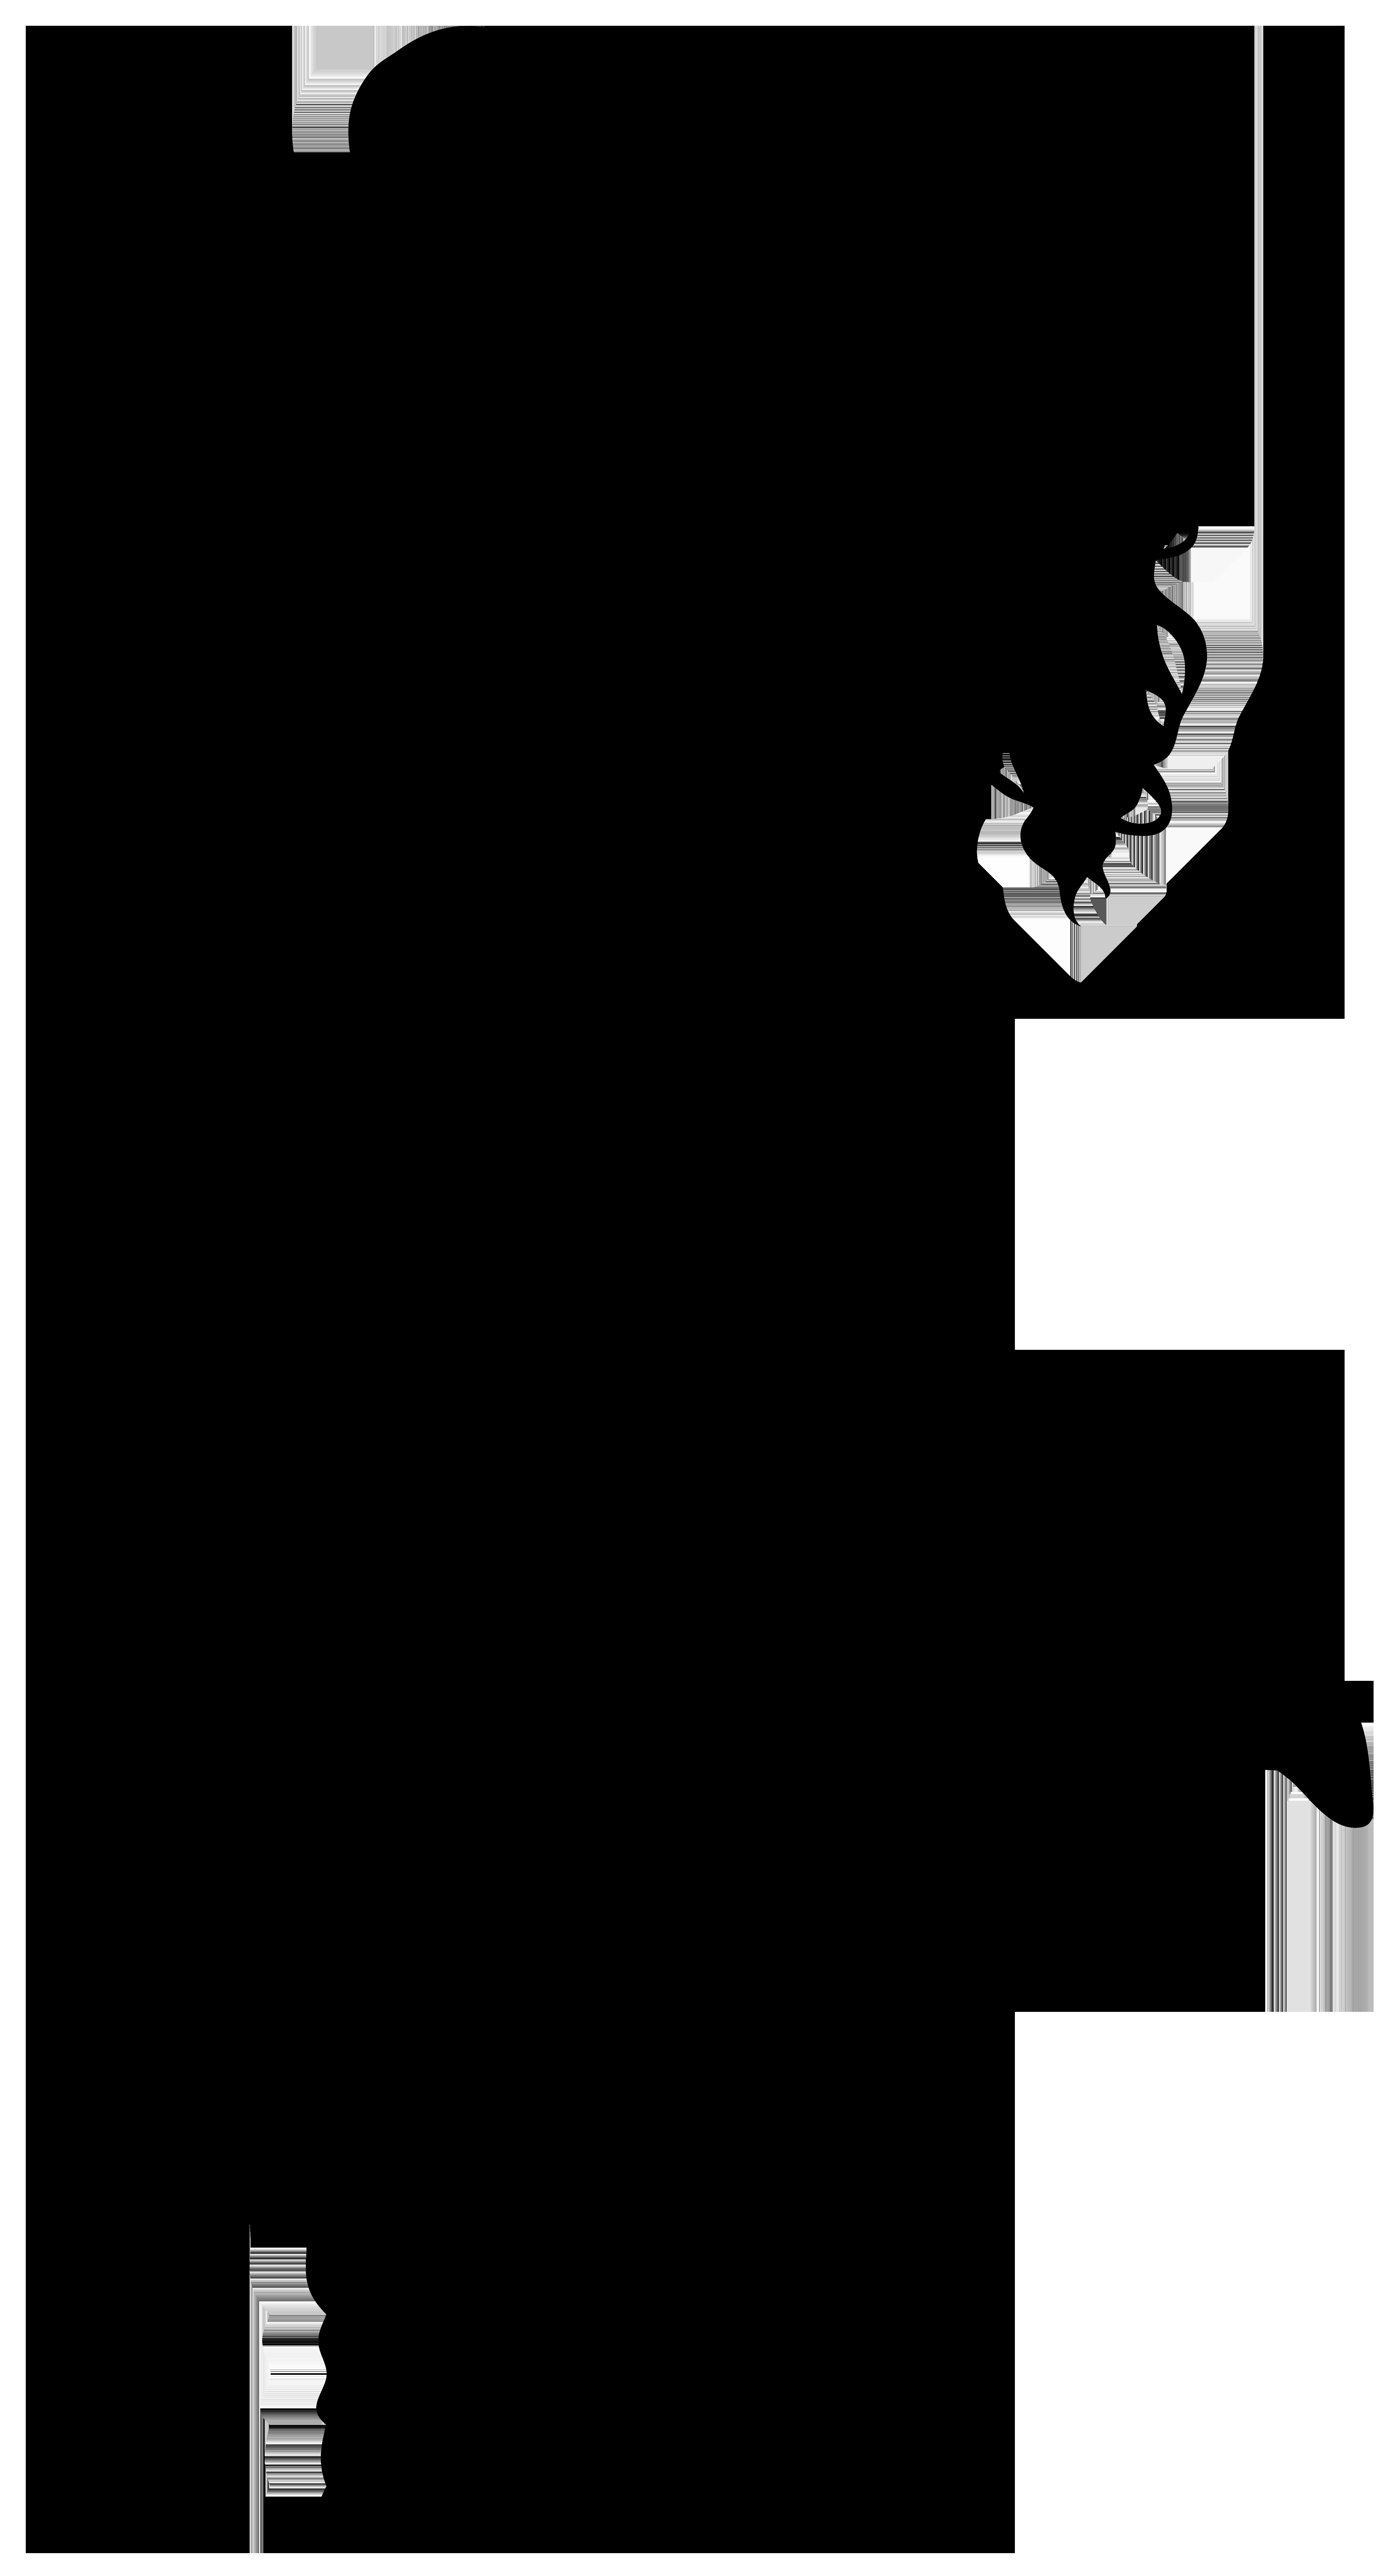 Kopel clipart transparent Art View PNG Transparent full